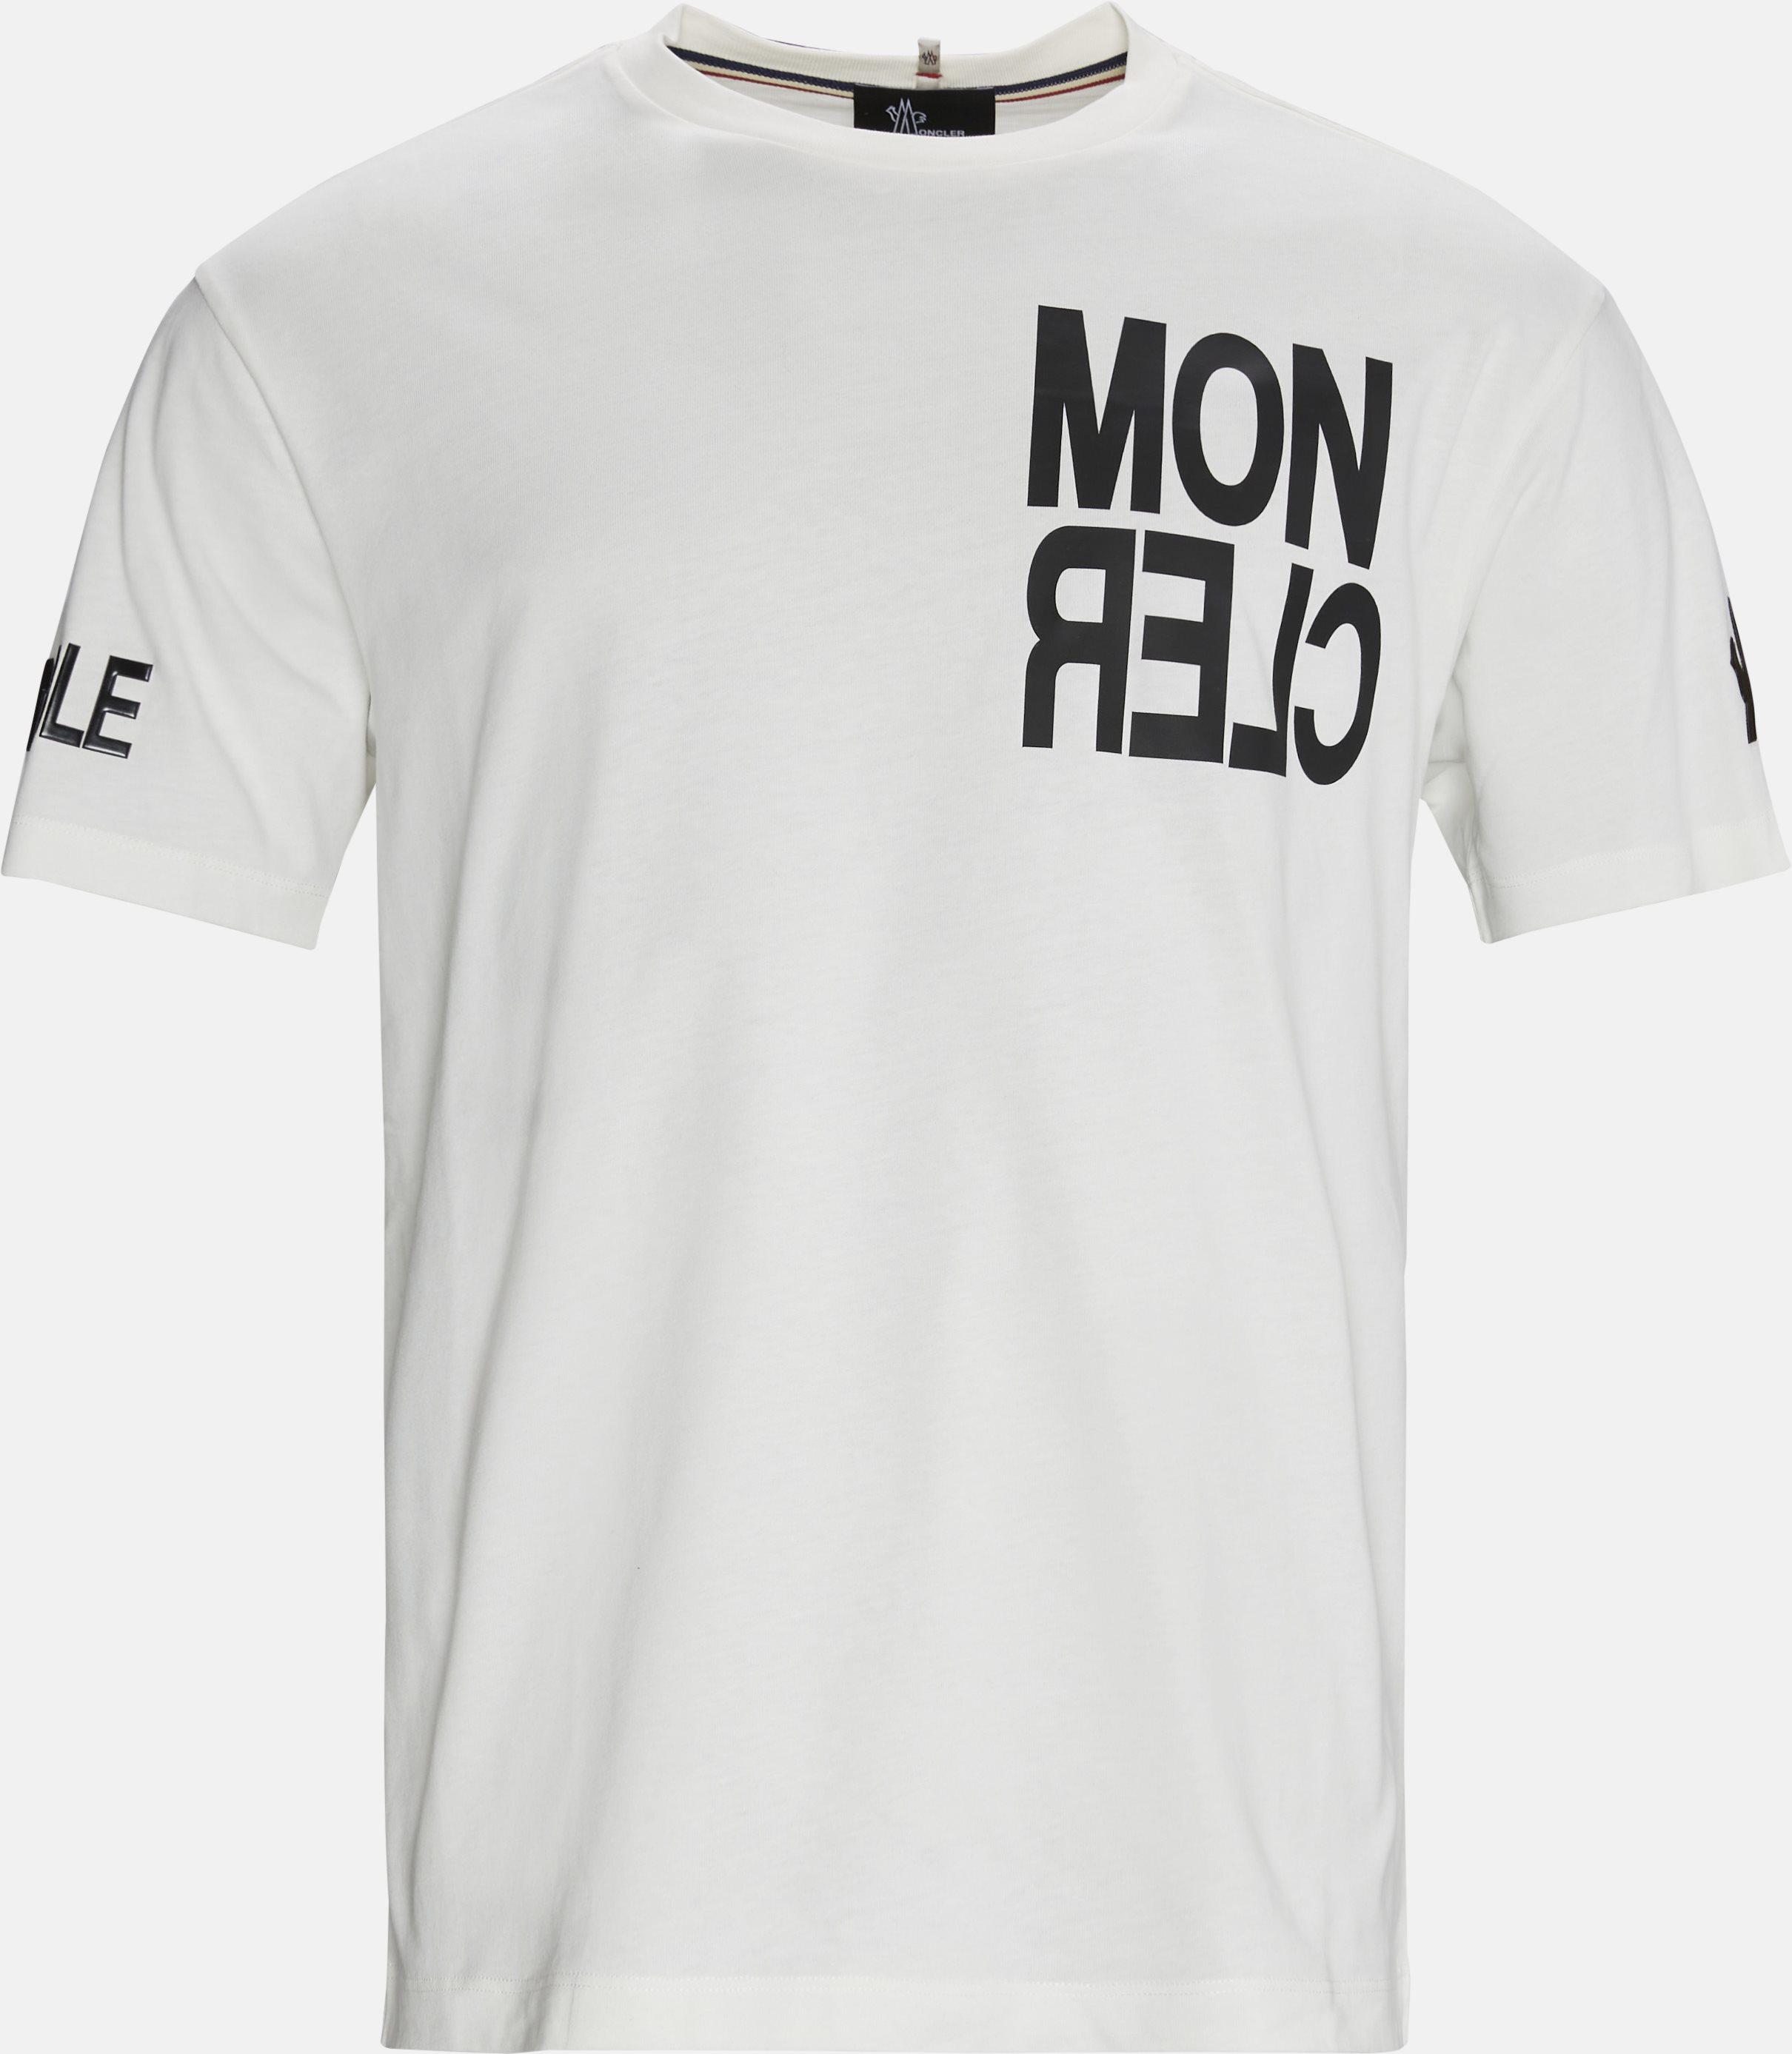 T-shirts - Oversized - White